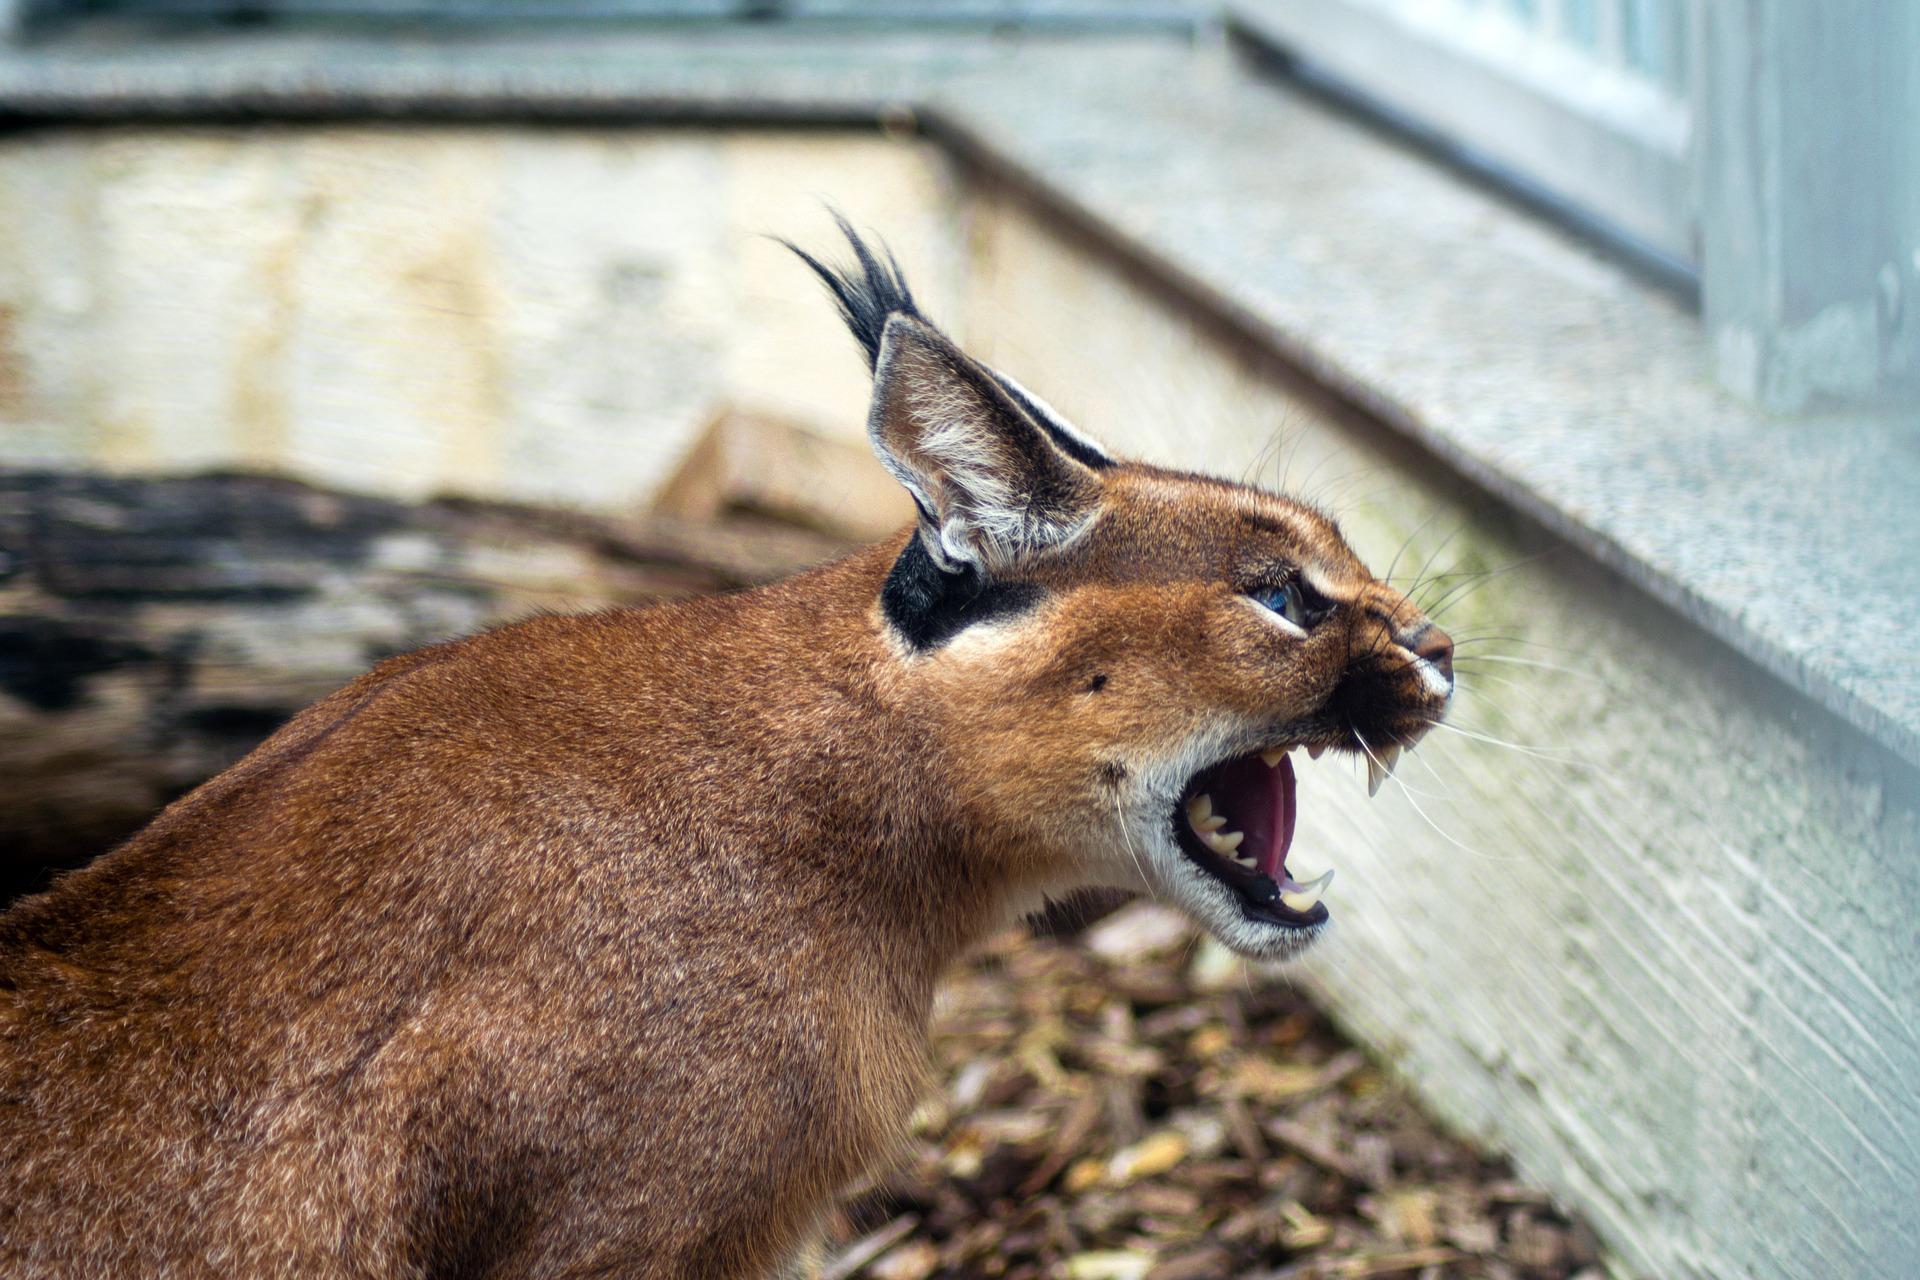 Un felino selvatico al guinzaglio a Milano, sos del Comune: